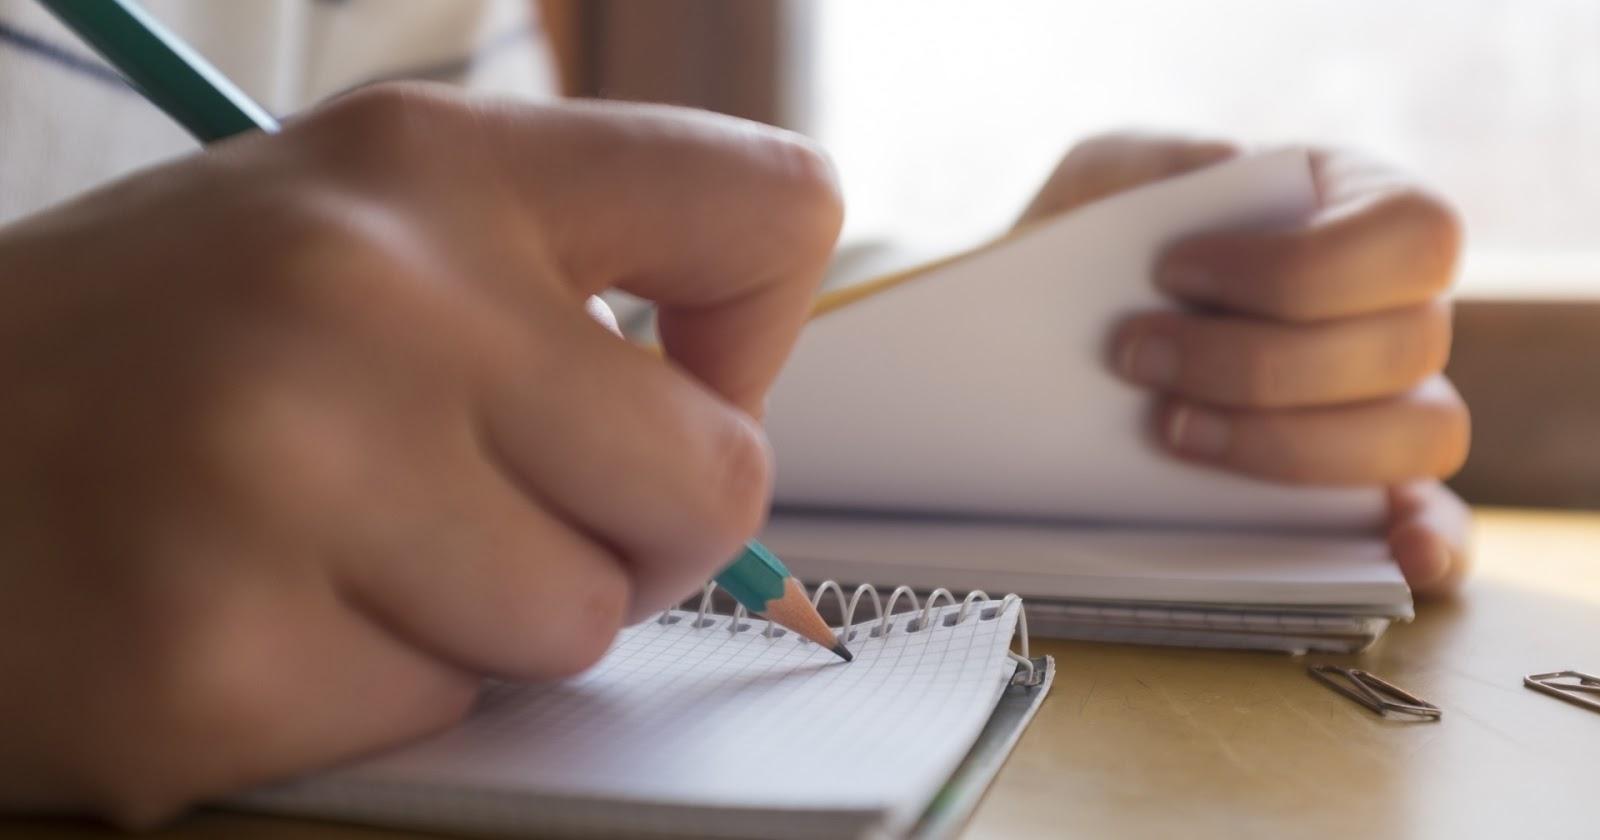 [筆記術-11] 寫出元經驗,不要讓筆記日記變成無用流水帳